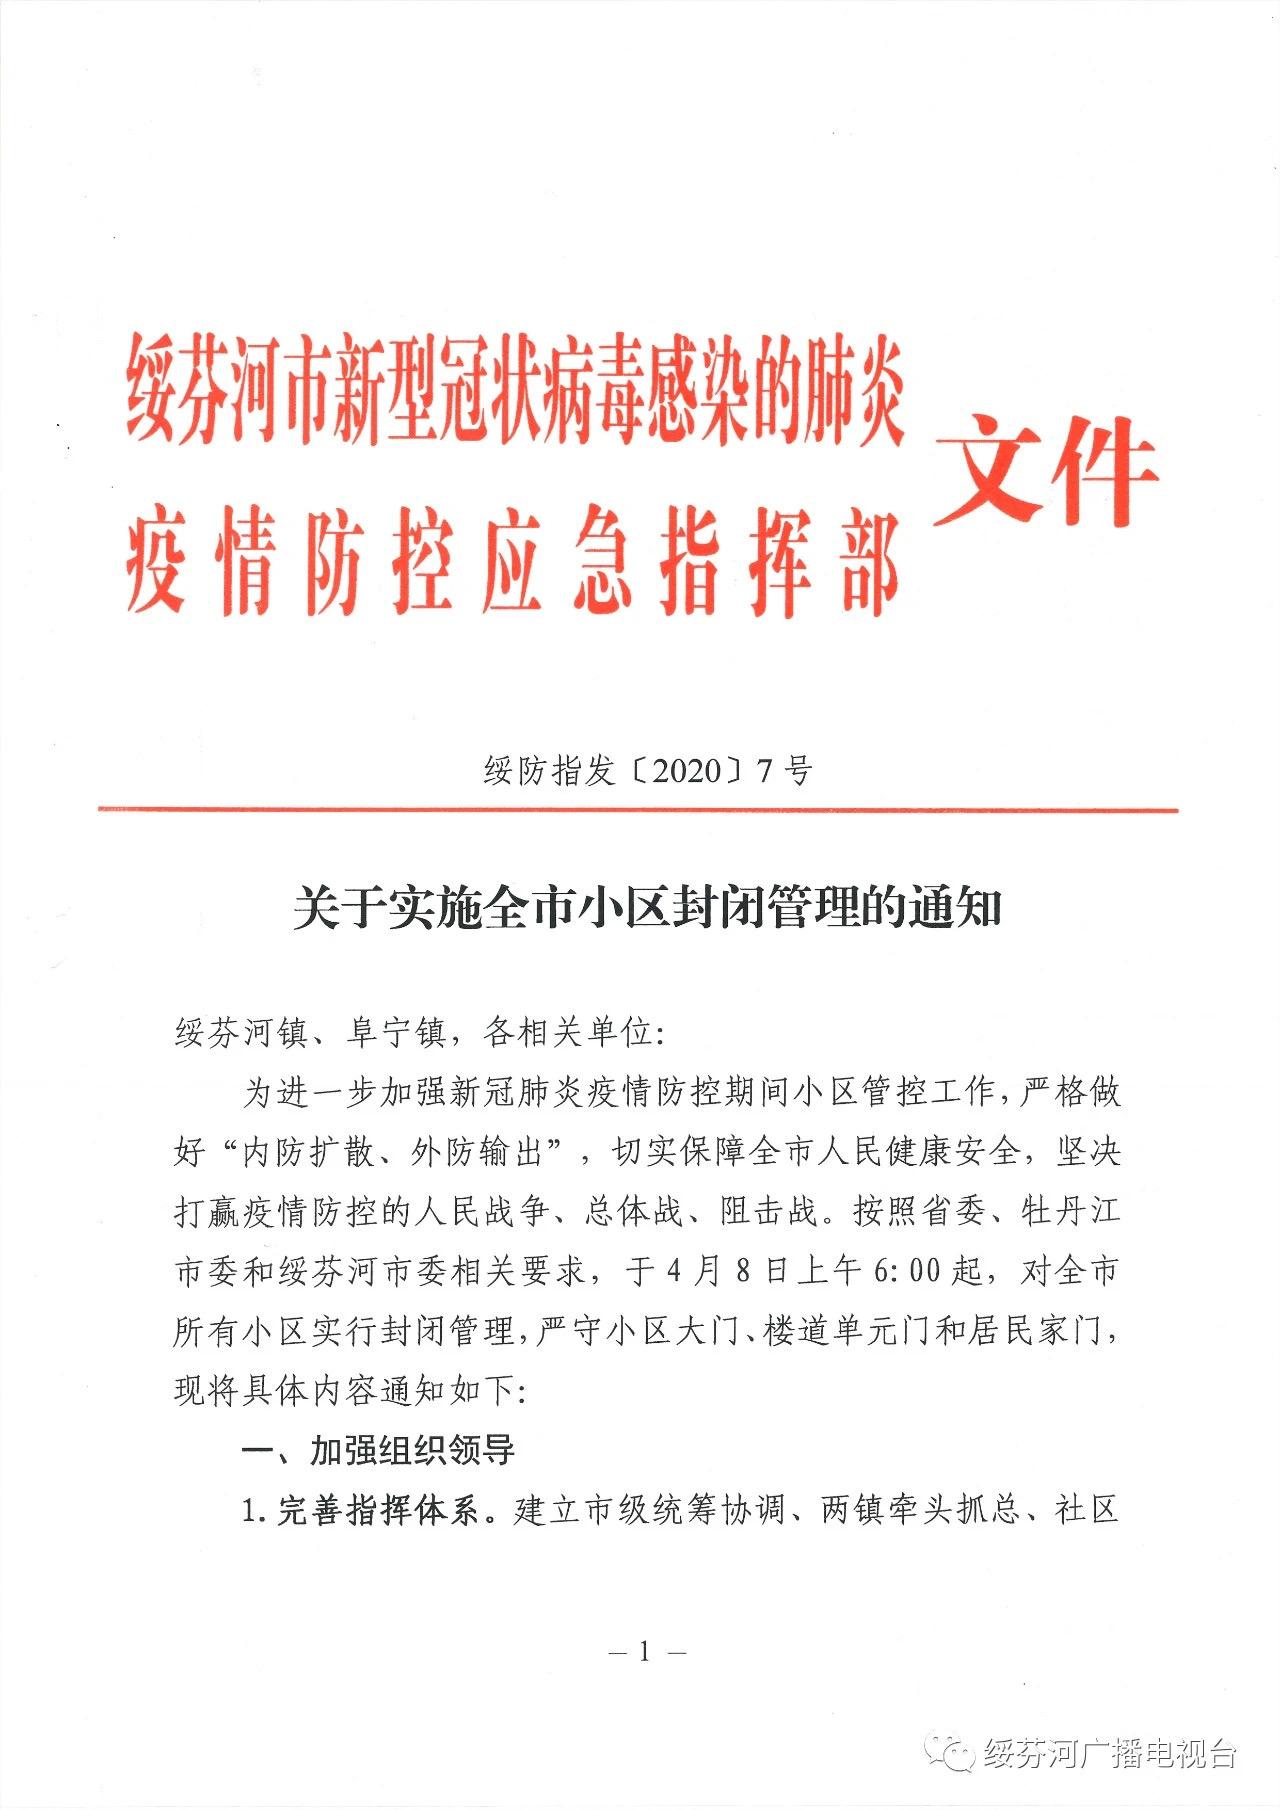 黑龙江绥芬河市所有小区自4月8日6时起实行封闭管理图片